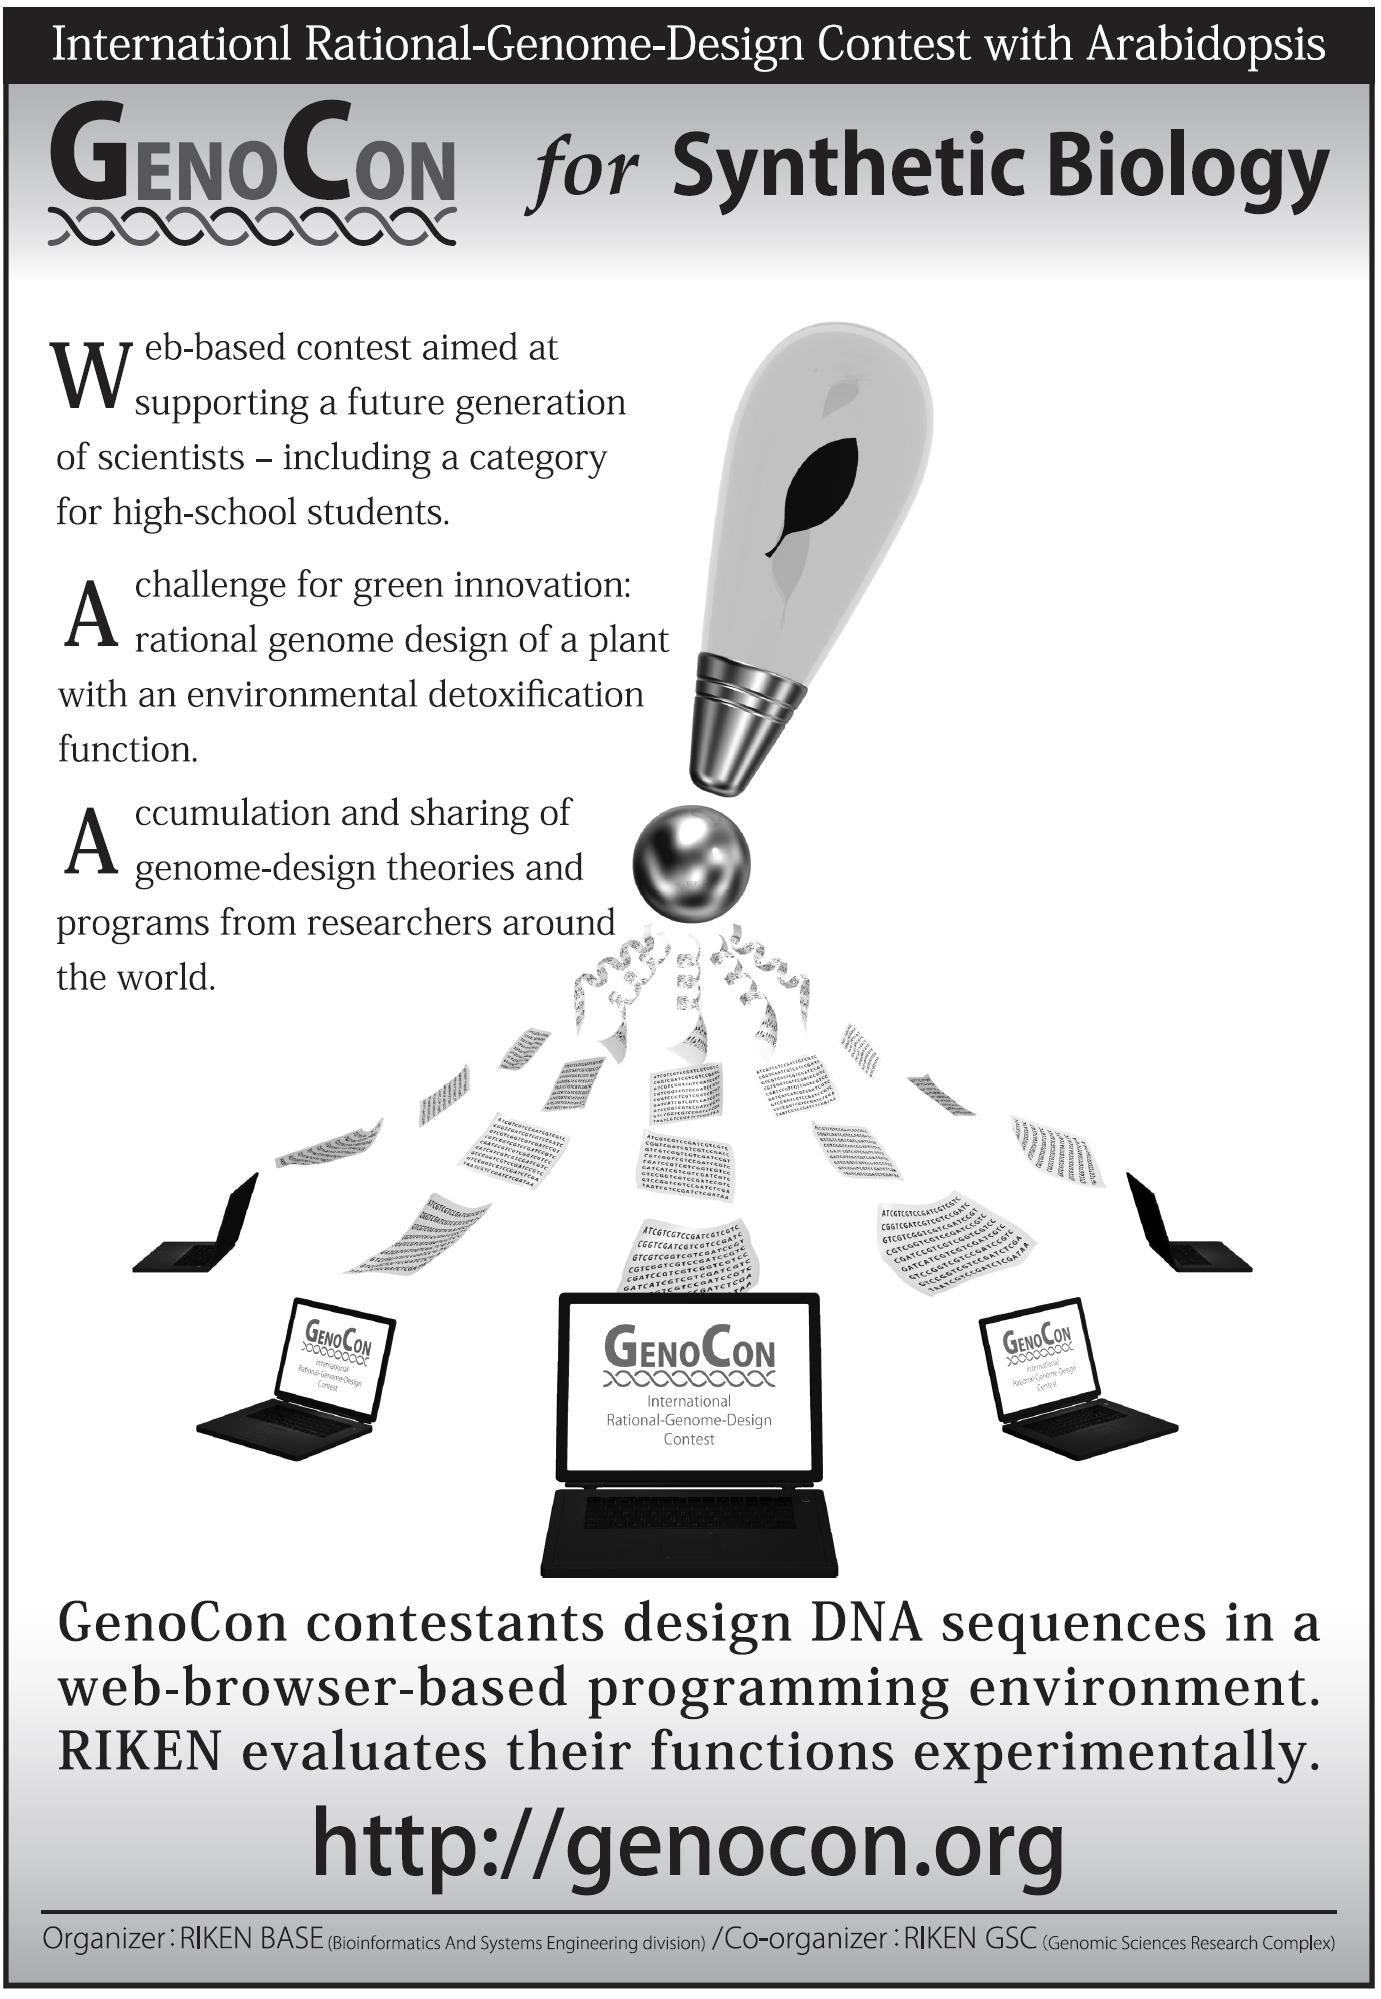 GenoCon